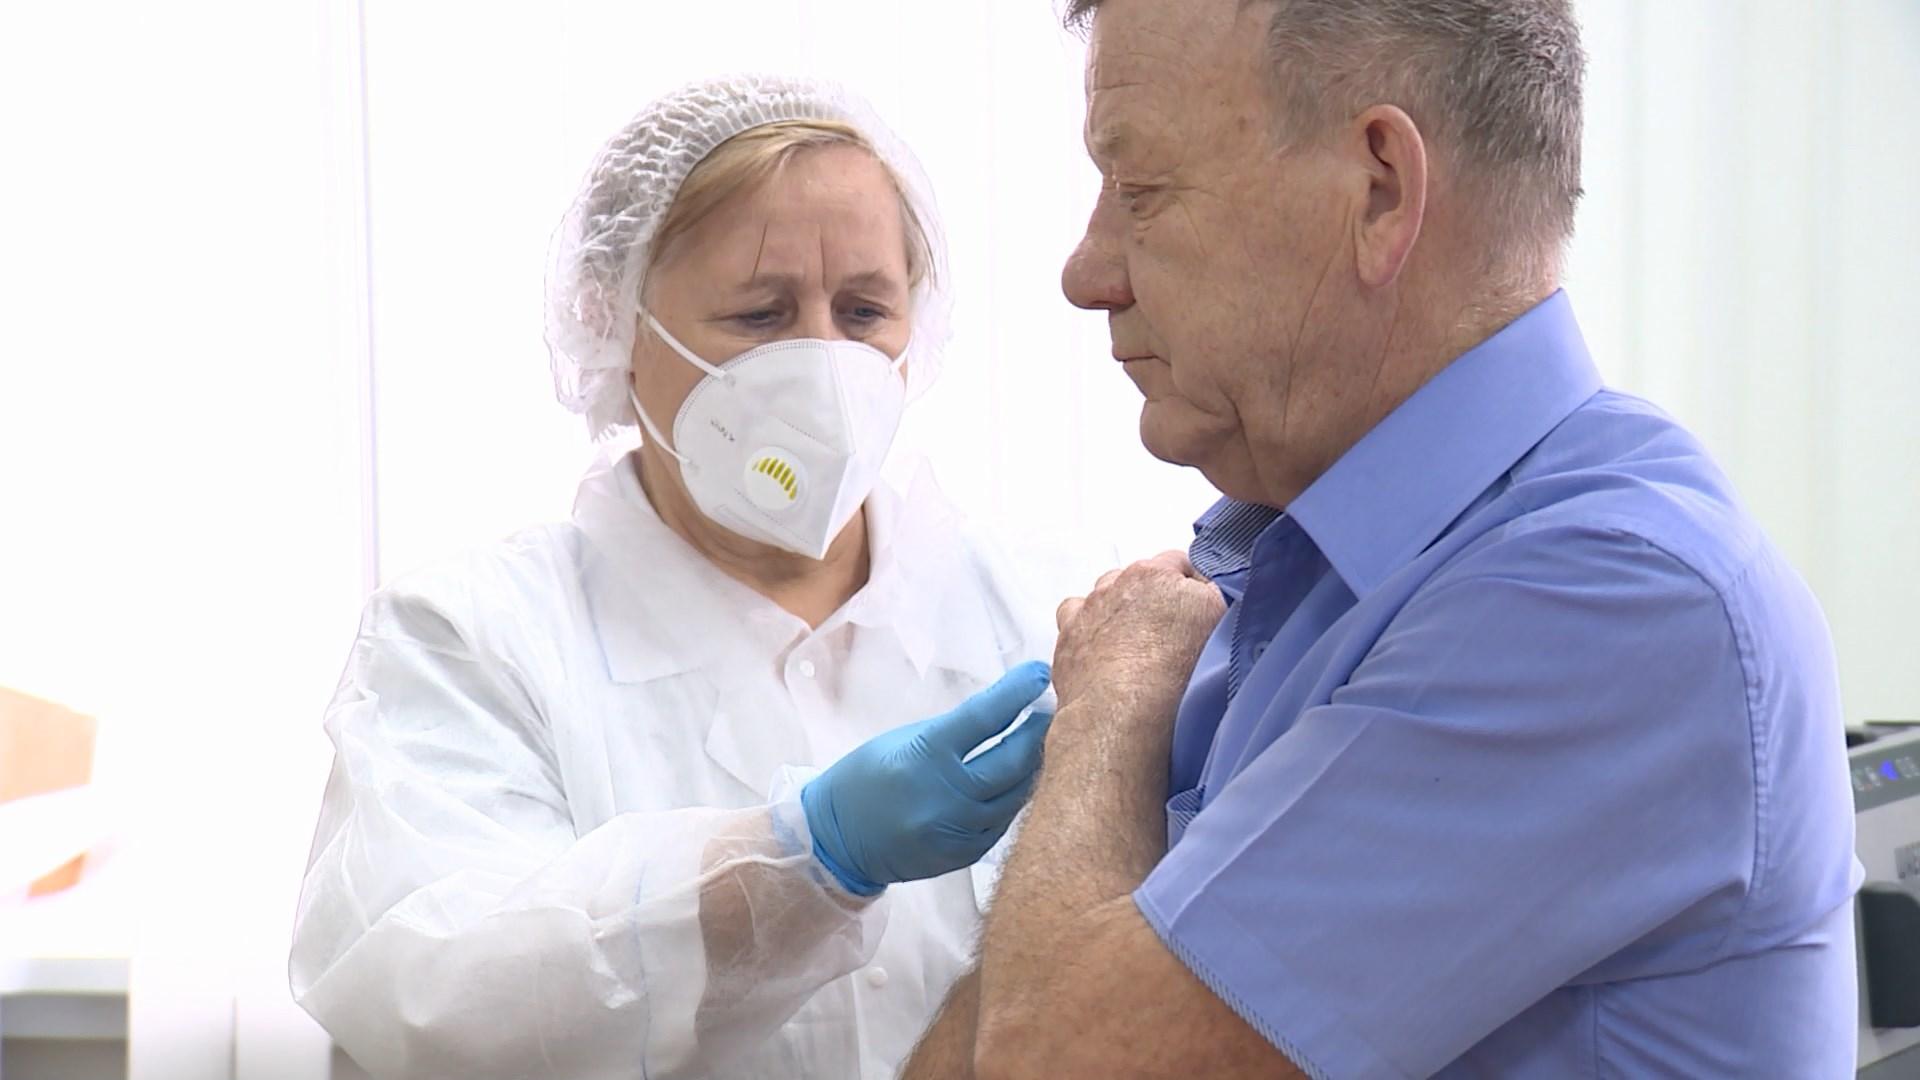 Костромичей приглашают пройти вакцинацию от коронавируса в выходные